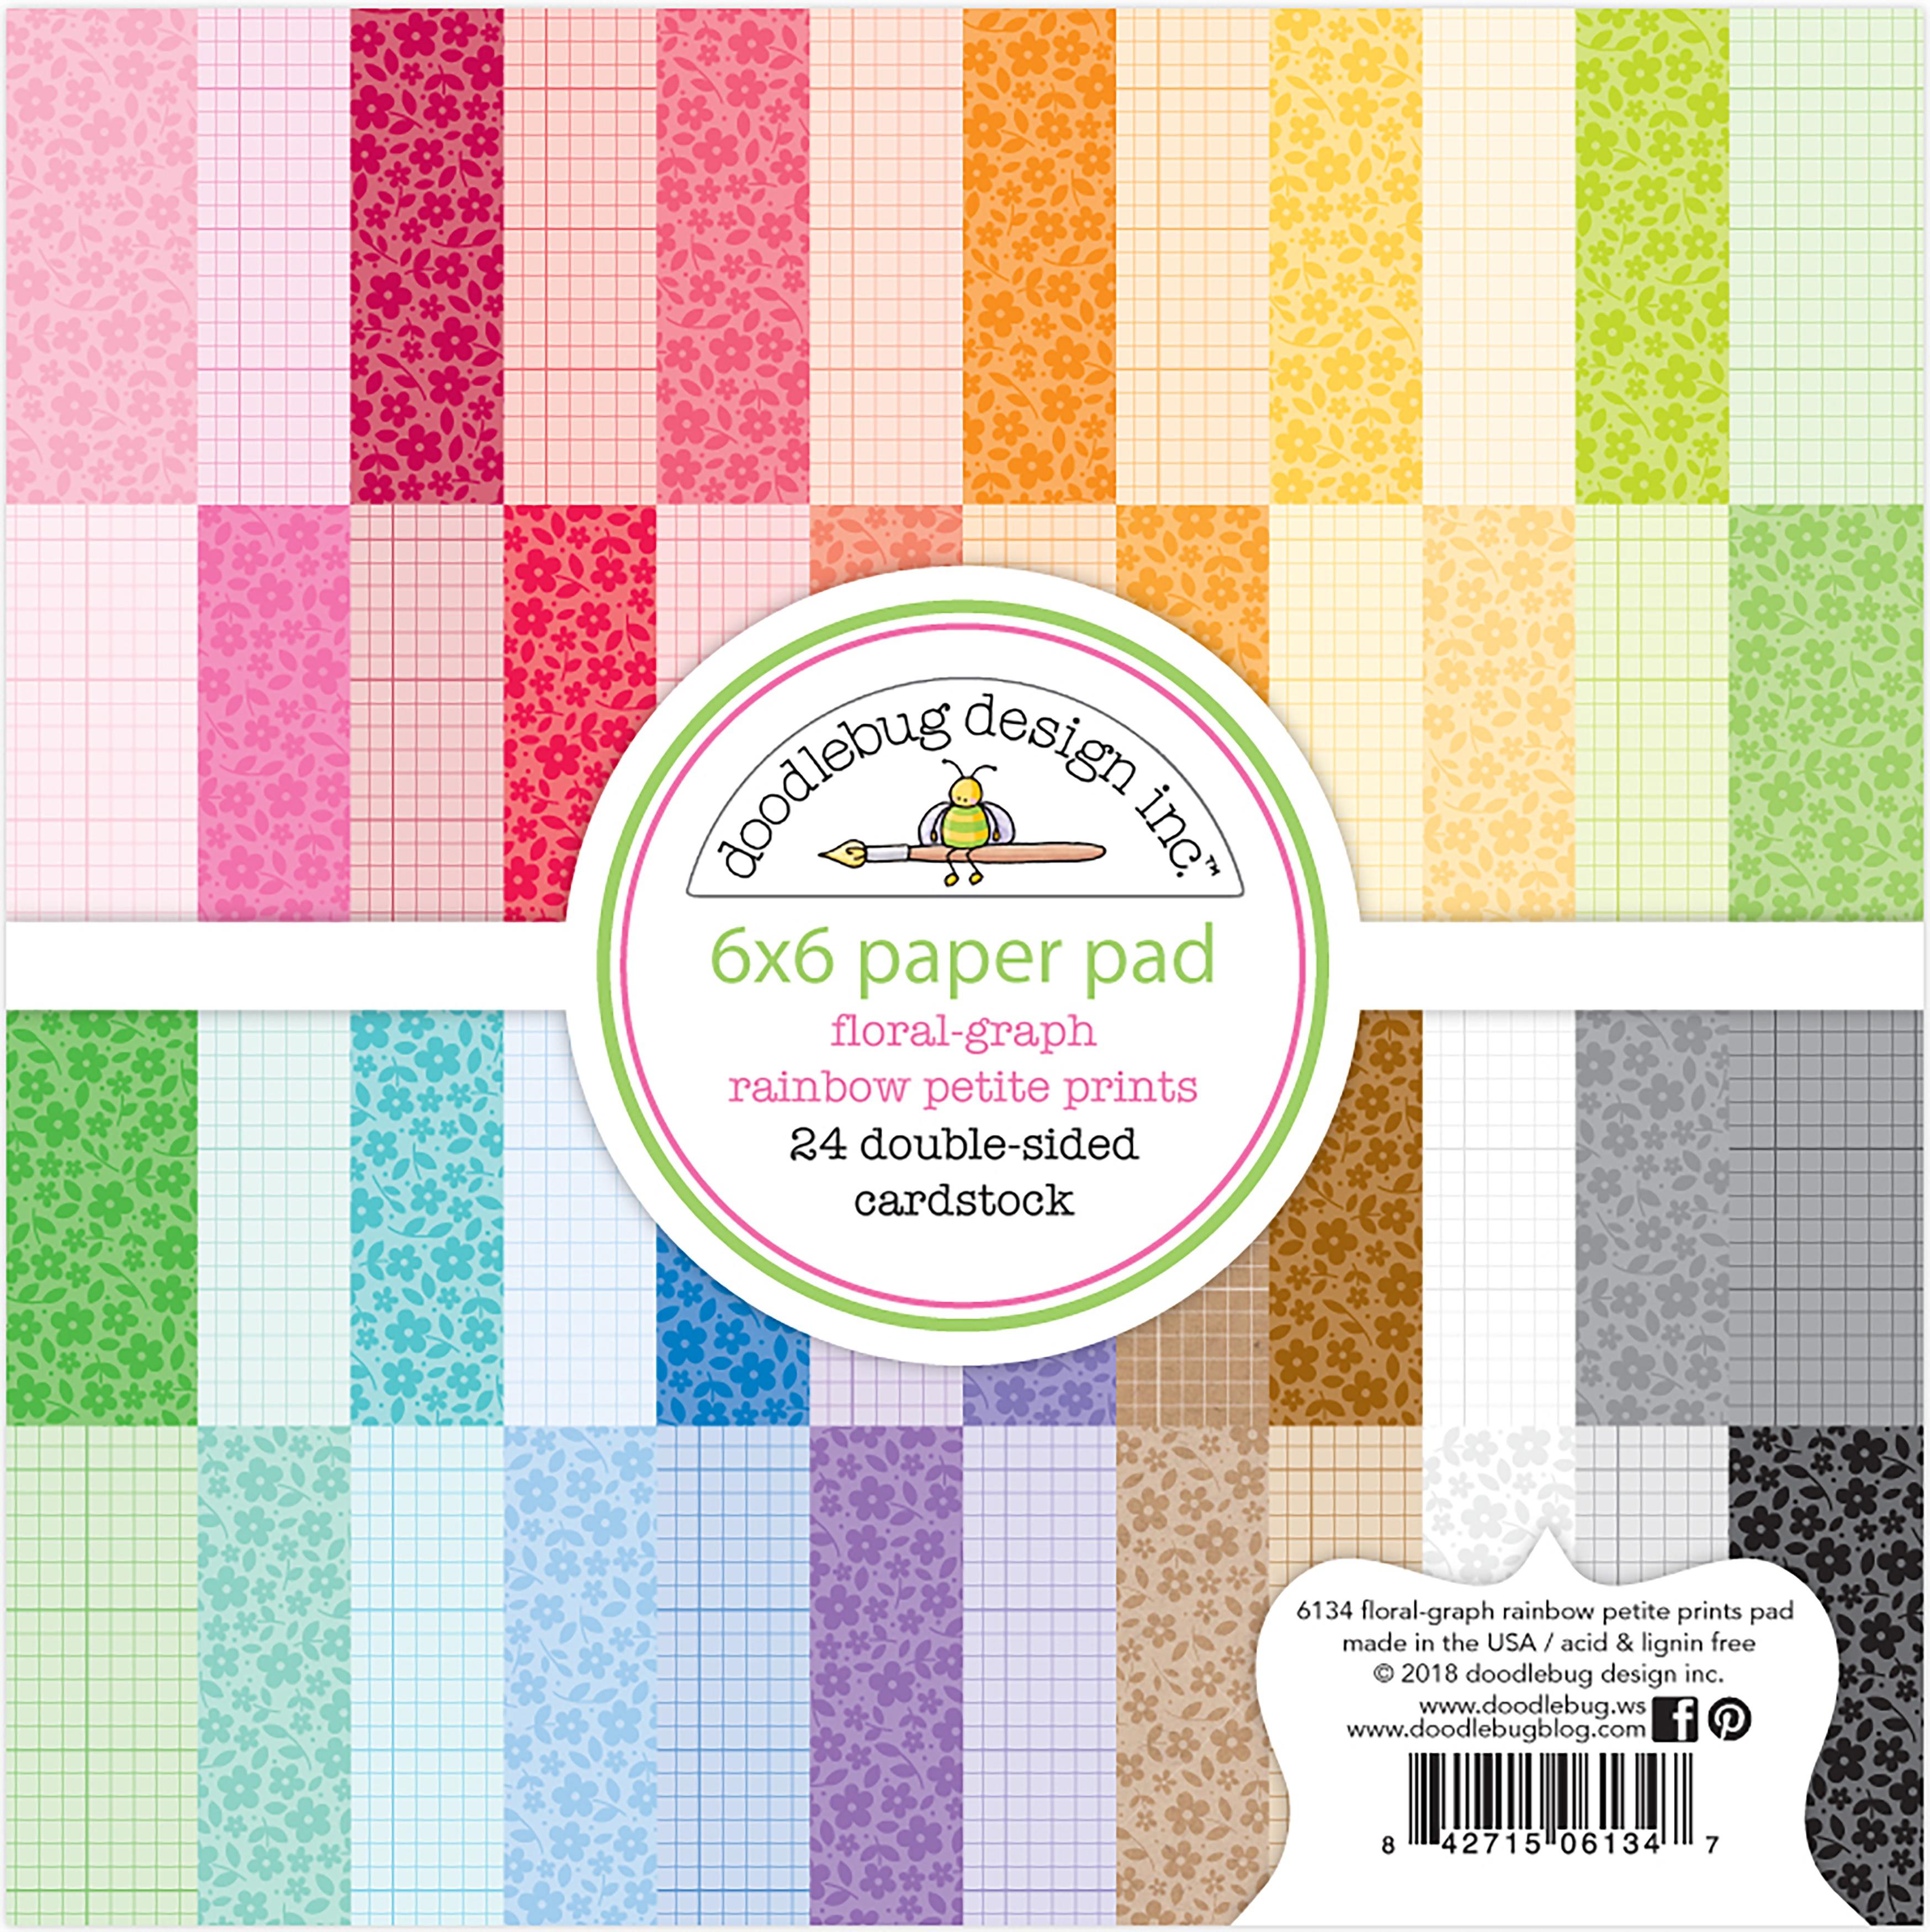 Doodlebug Petite Prints Floral Graph Pad 6X6 24/Pkg